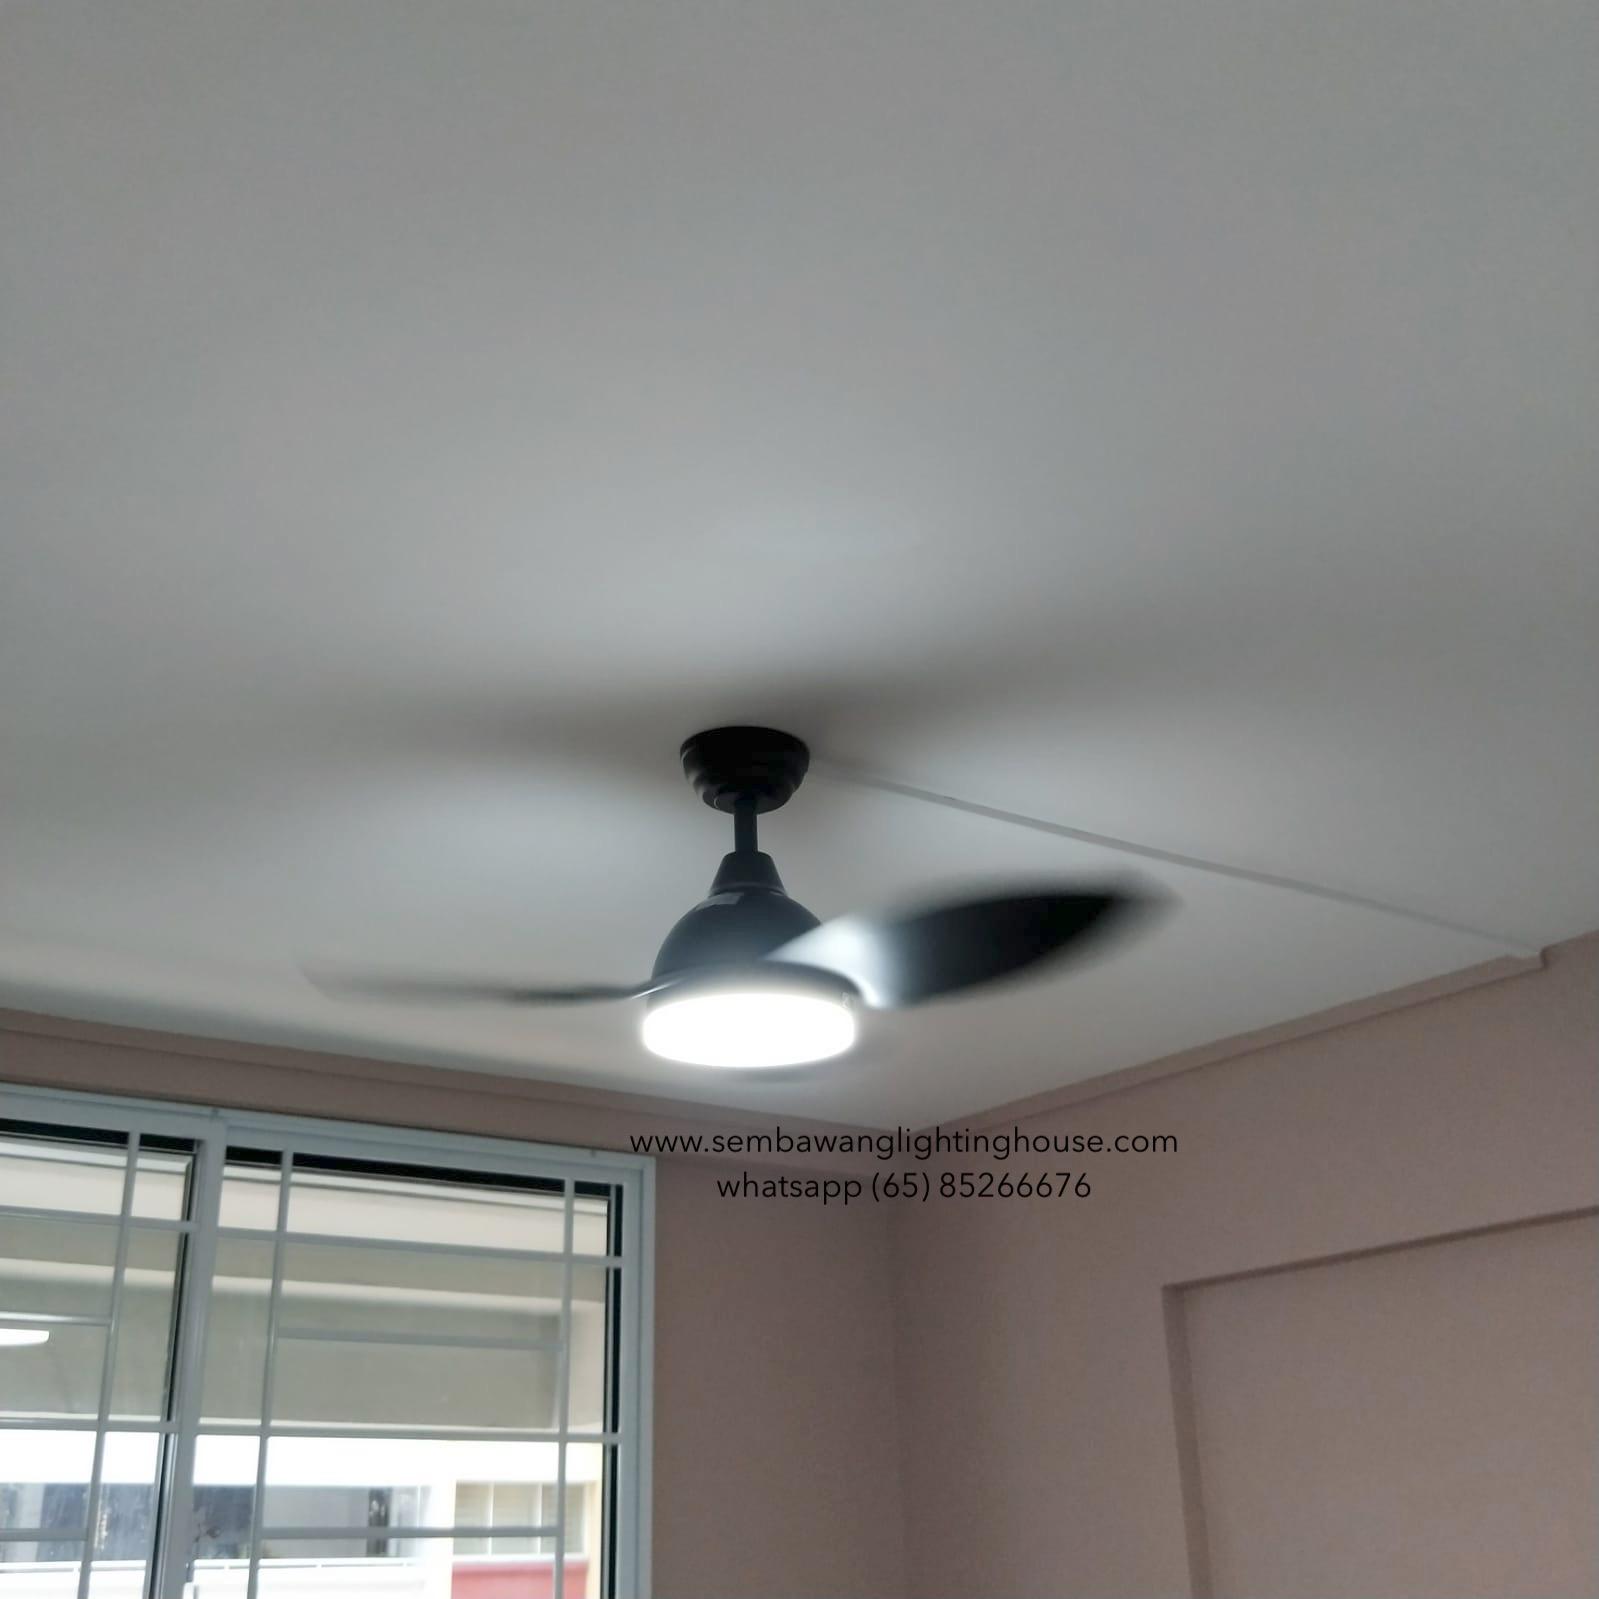 bestar-raptor-black-ceiling-fan-with-light-sembawang-lighting-house-11.jpg